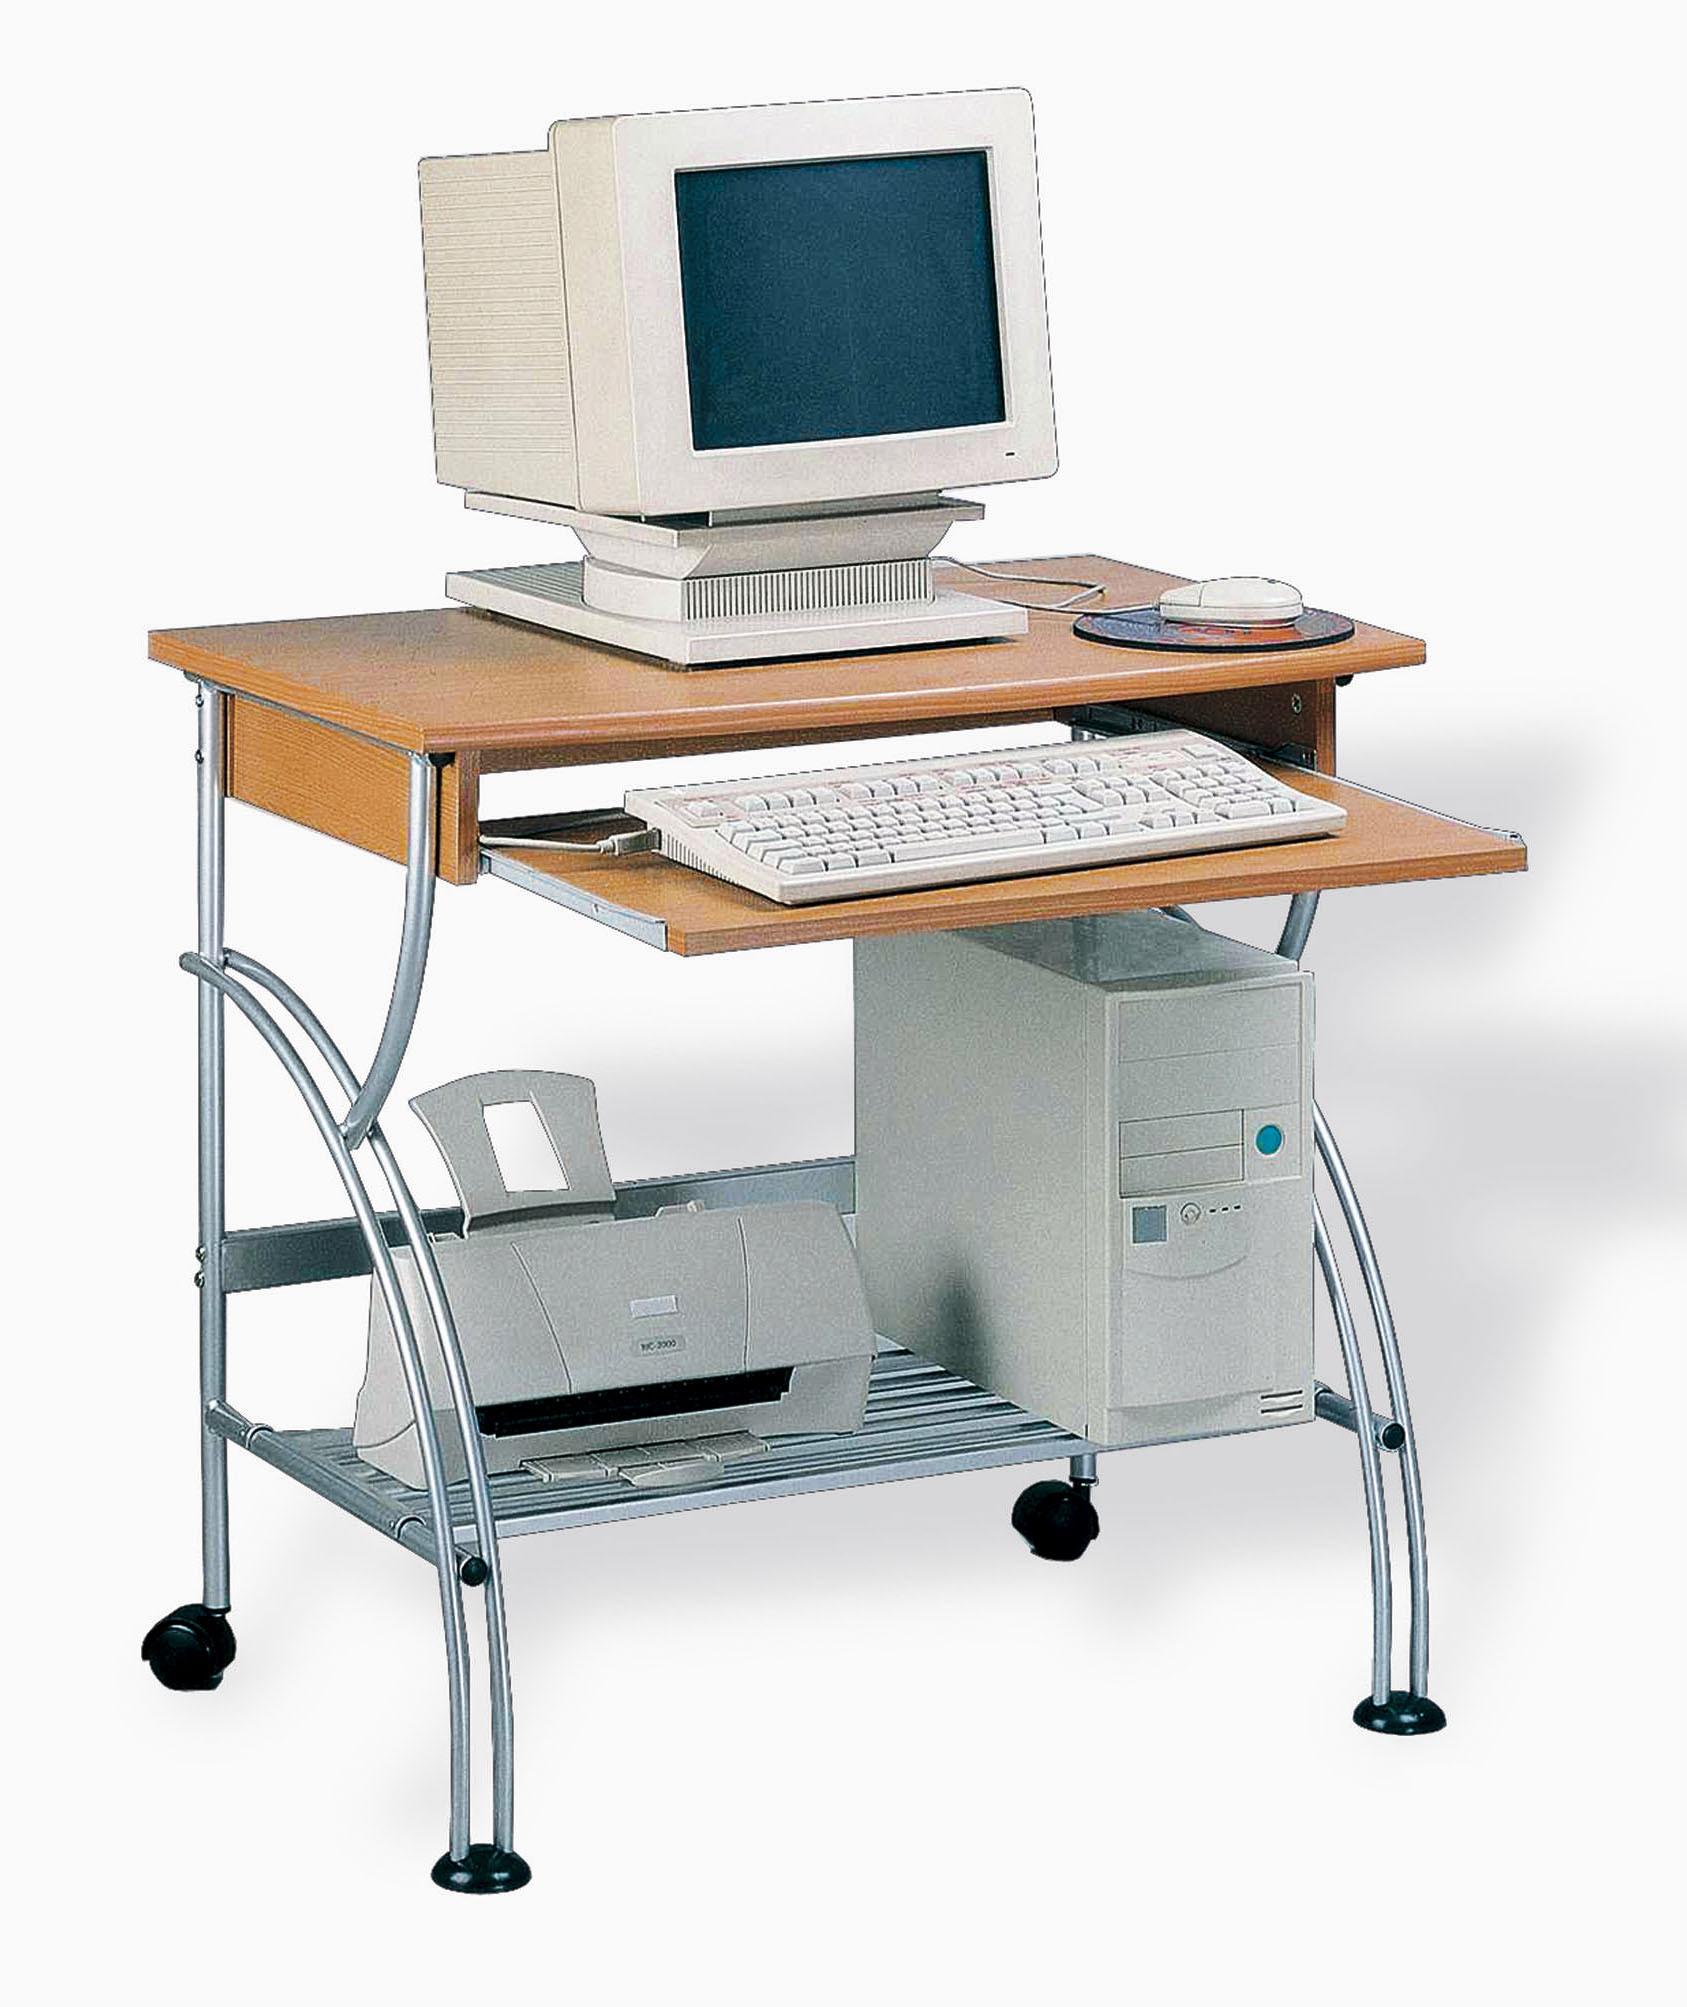 Mesa ordenador mk1 decora descans mueble complemento hogar - Mesa portatil ordenador ...